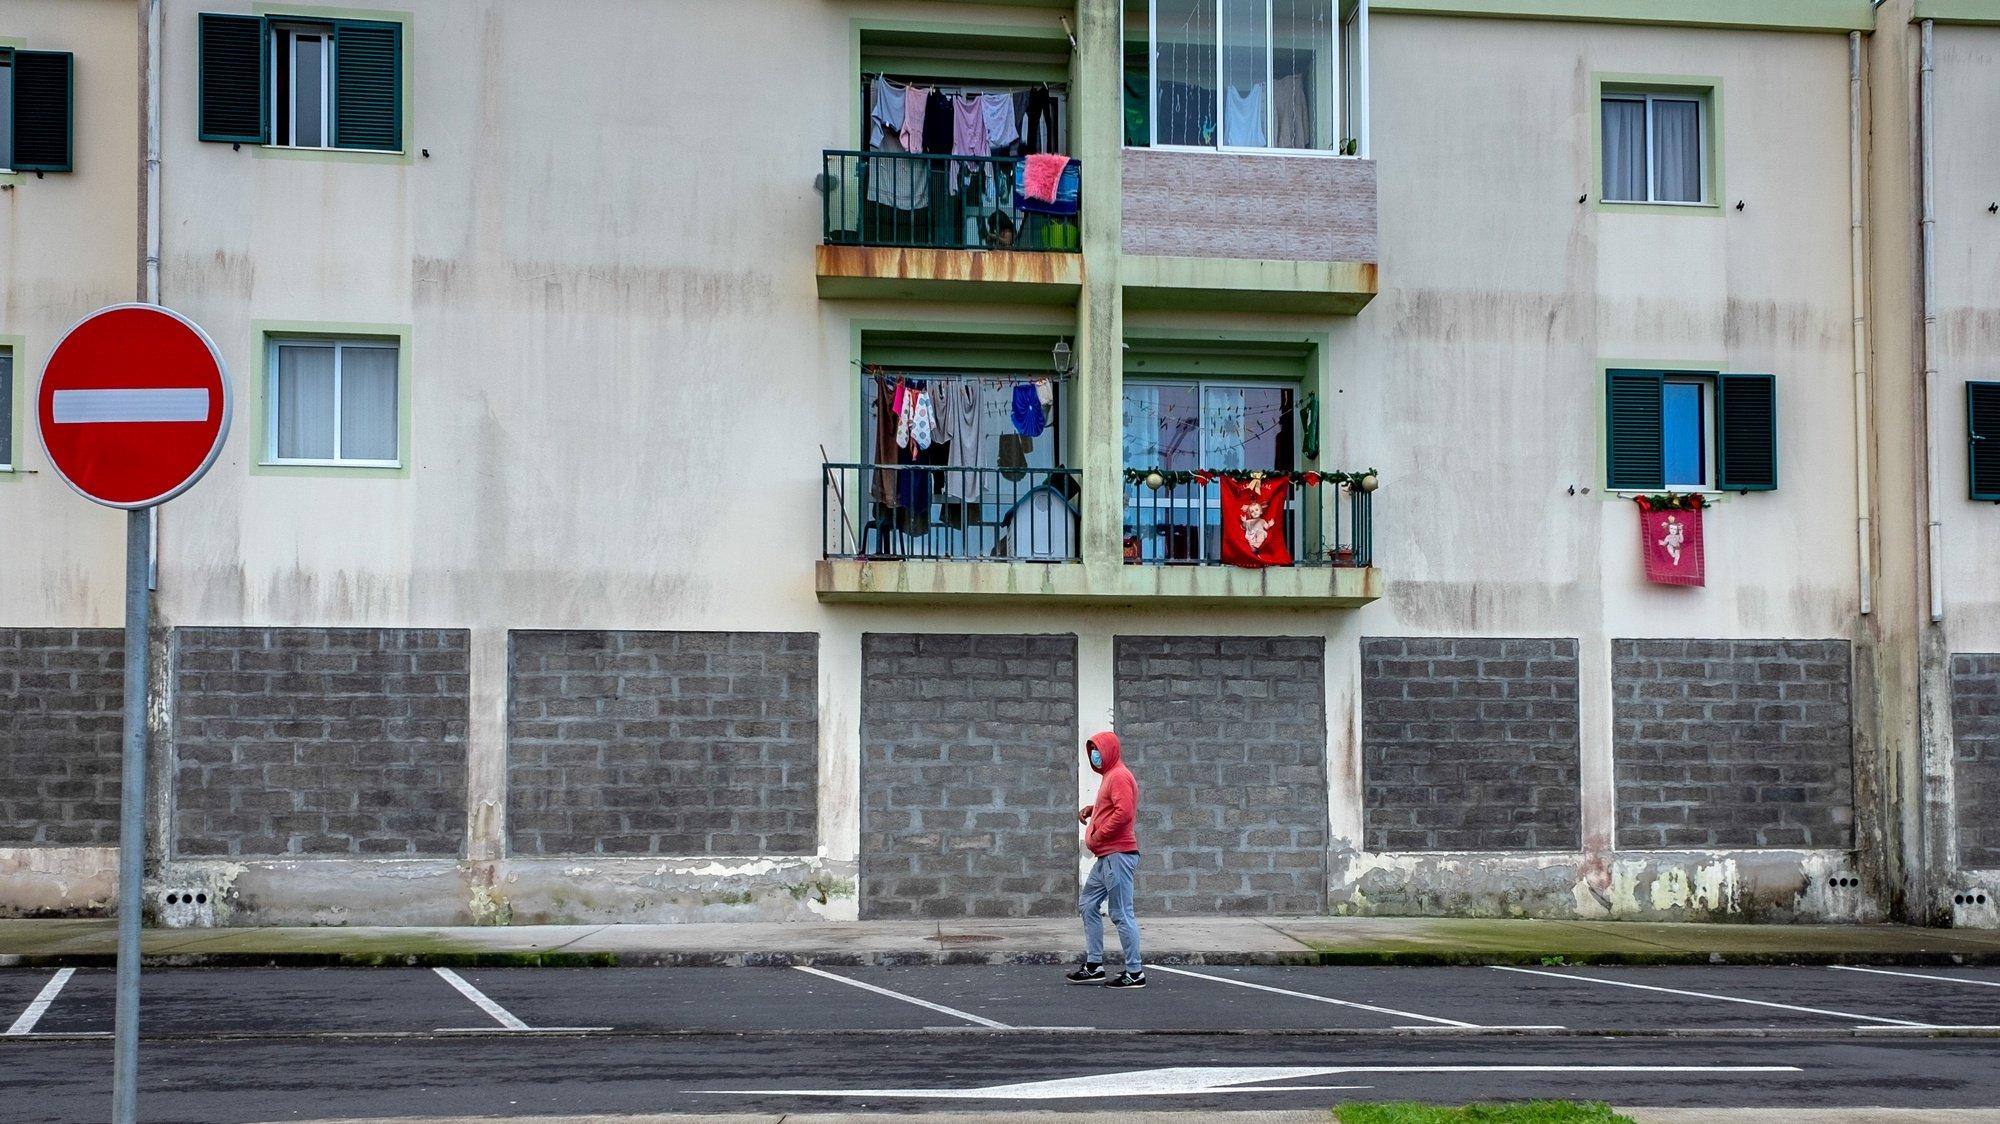 """No primeiro dia sem cerca sanitária na Vila de Rabo de Peixe, a população volta a sair à rua, mas queixa-se do estigma de que é vítima, depois de ter estado fechada durante 10 dias, Rabo de Peixe, Ilha de São Miguel, Açores, 14 de dezembro de 2020. Rabo de Peixe esteve entre dia 03 e as 23:59 de domingo com uma cerca sanitária, tendo também sido testada a população da vila, numa ação descrita pela junta como uma """"megaoperação"""". EDUARDO COSTA/LUSA"""